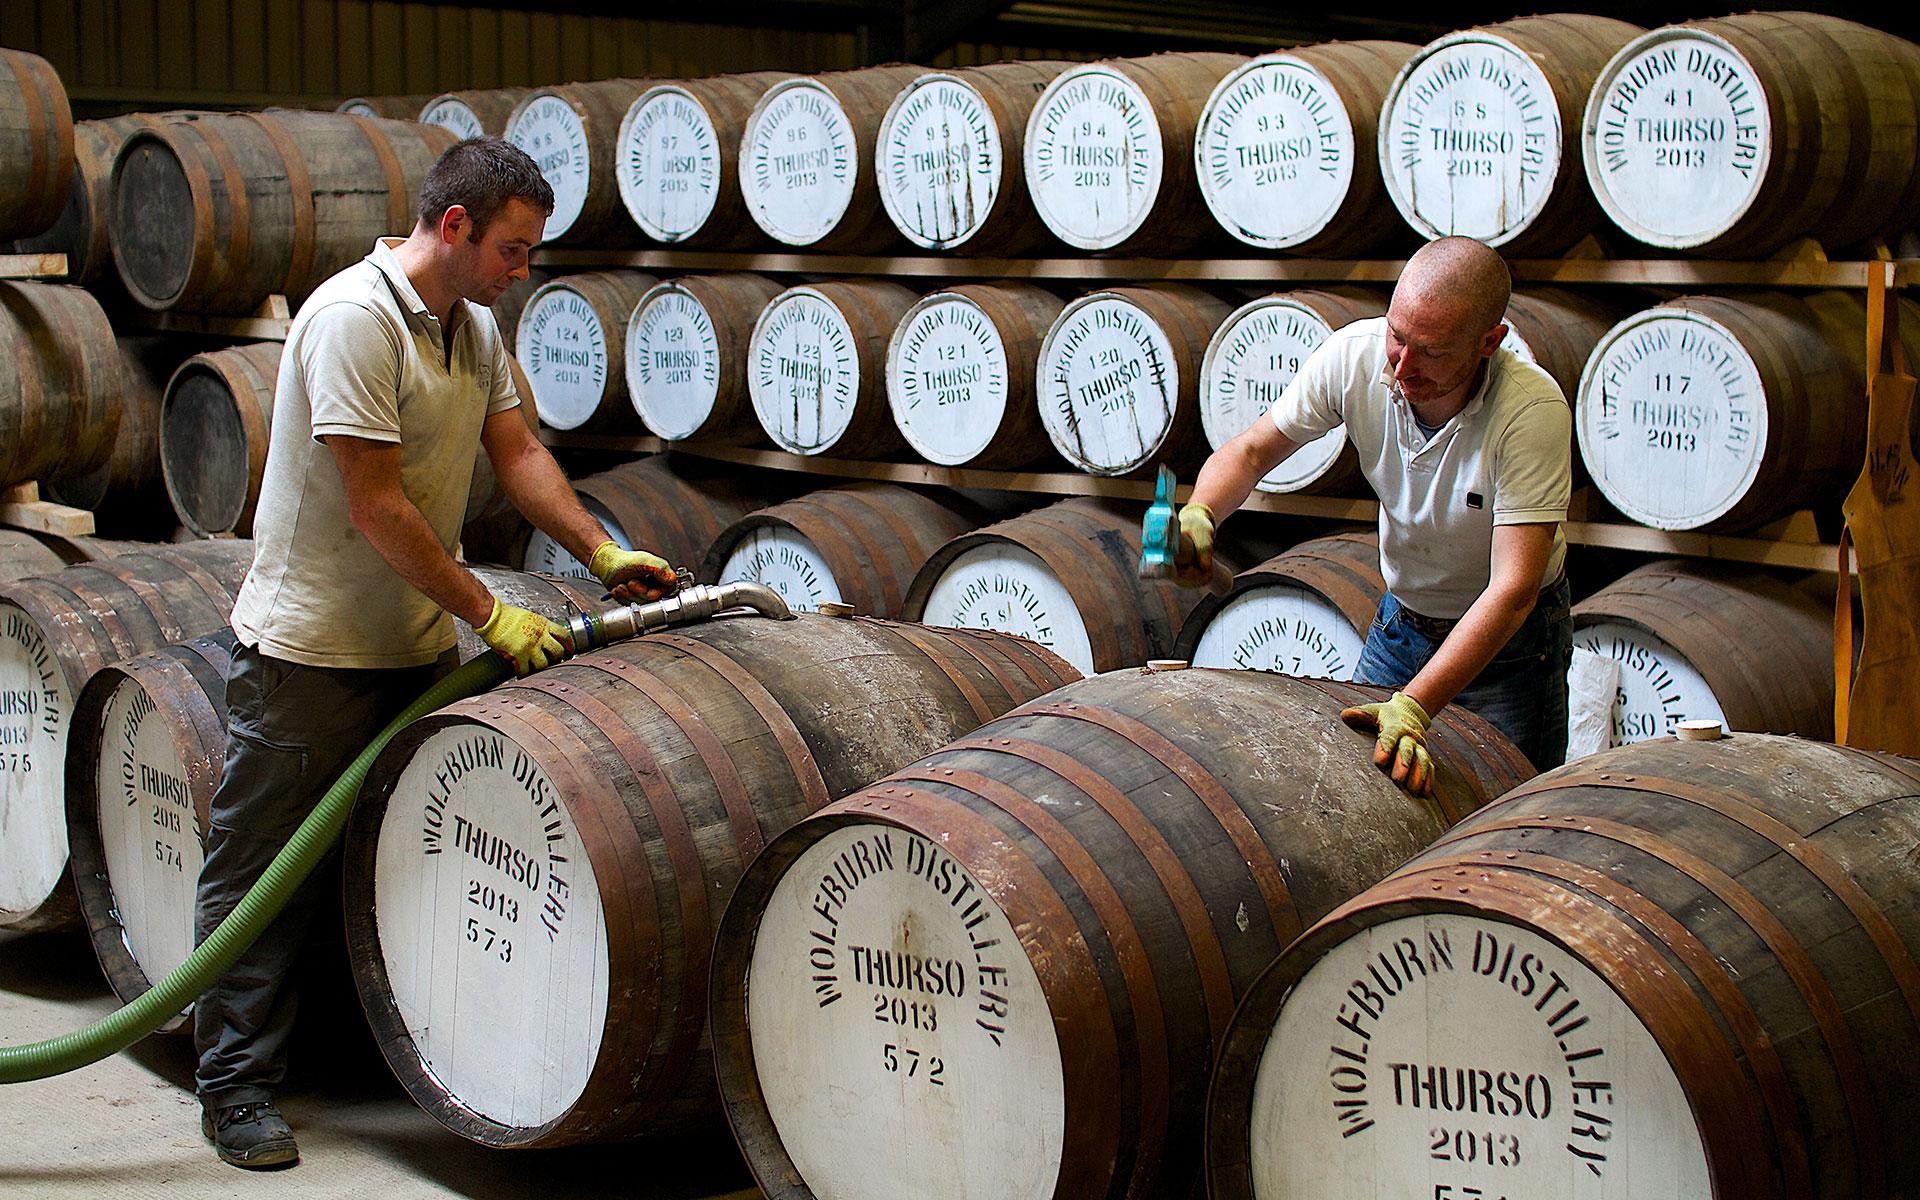 Drei Jahre ist es her: Shane Fraser und Iain Kerr füllen den ersten Whisky in Fässer. (Foto: Wolfburn)